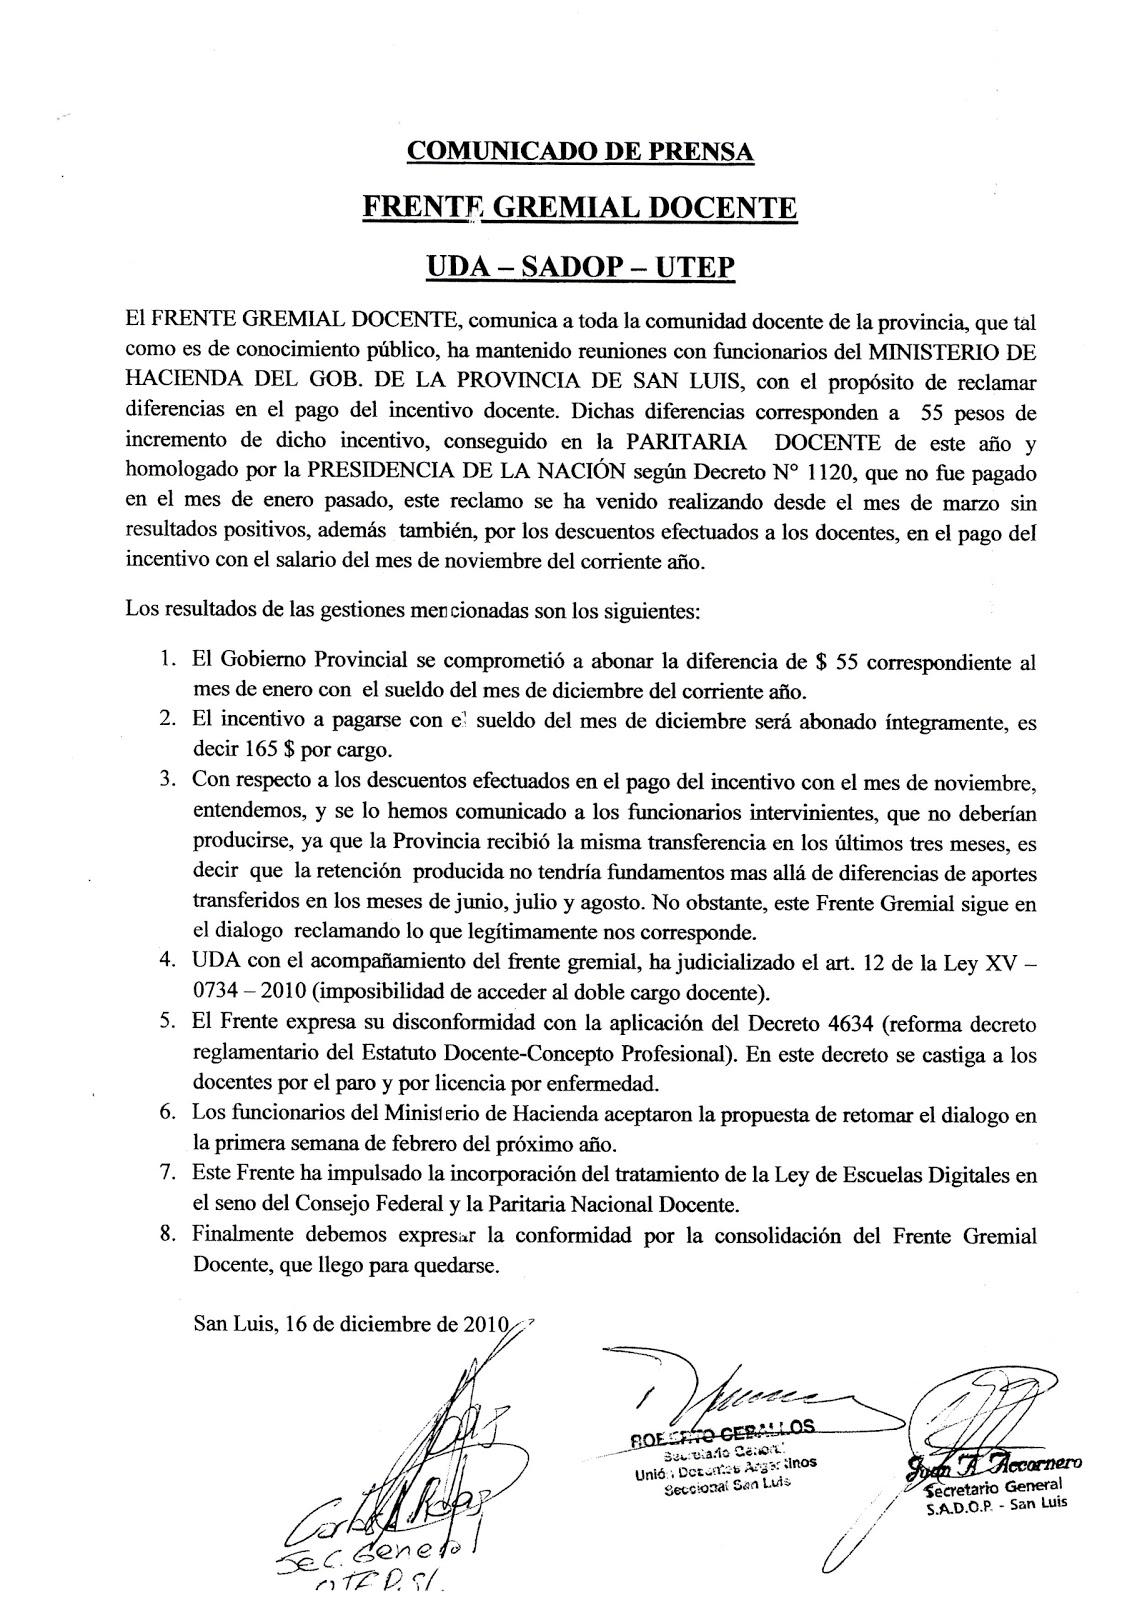 NOTICIAS DE EDUCACION DE LA PROVINCIA DE SAN LUIS - Argentina: 12/01 ...